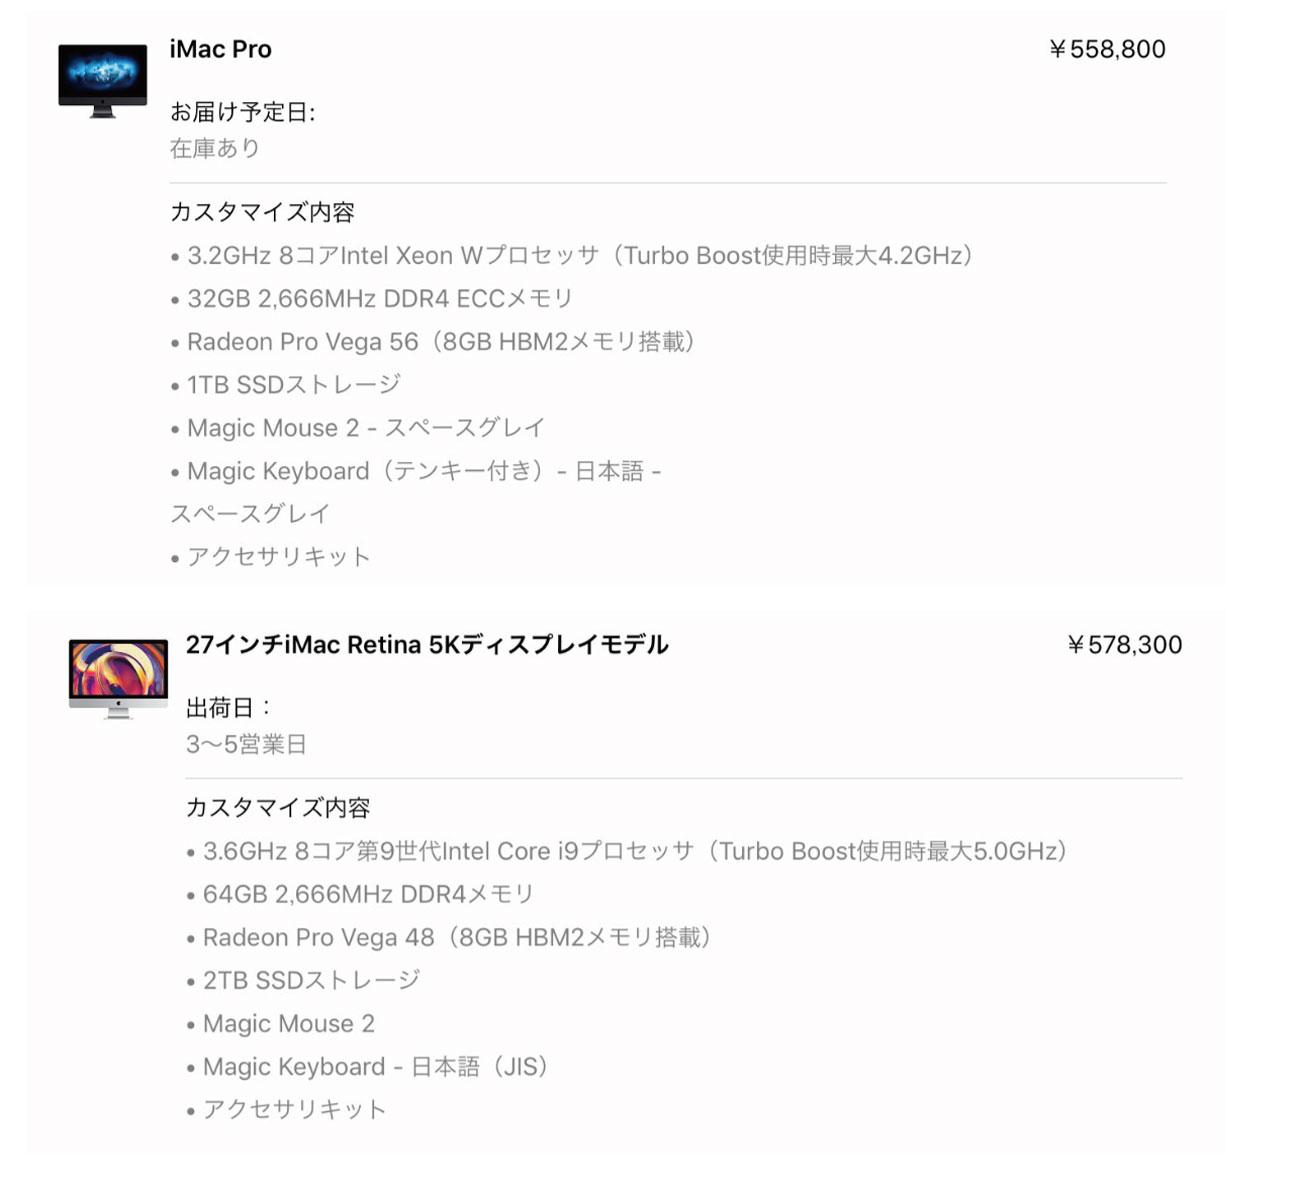 iMac ProとiMac 5K 2019 スペックと価格